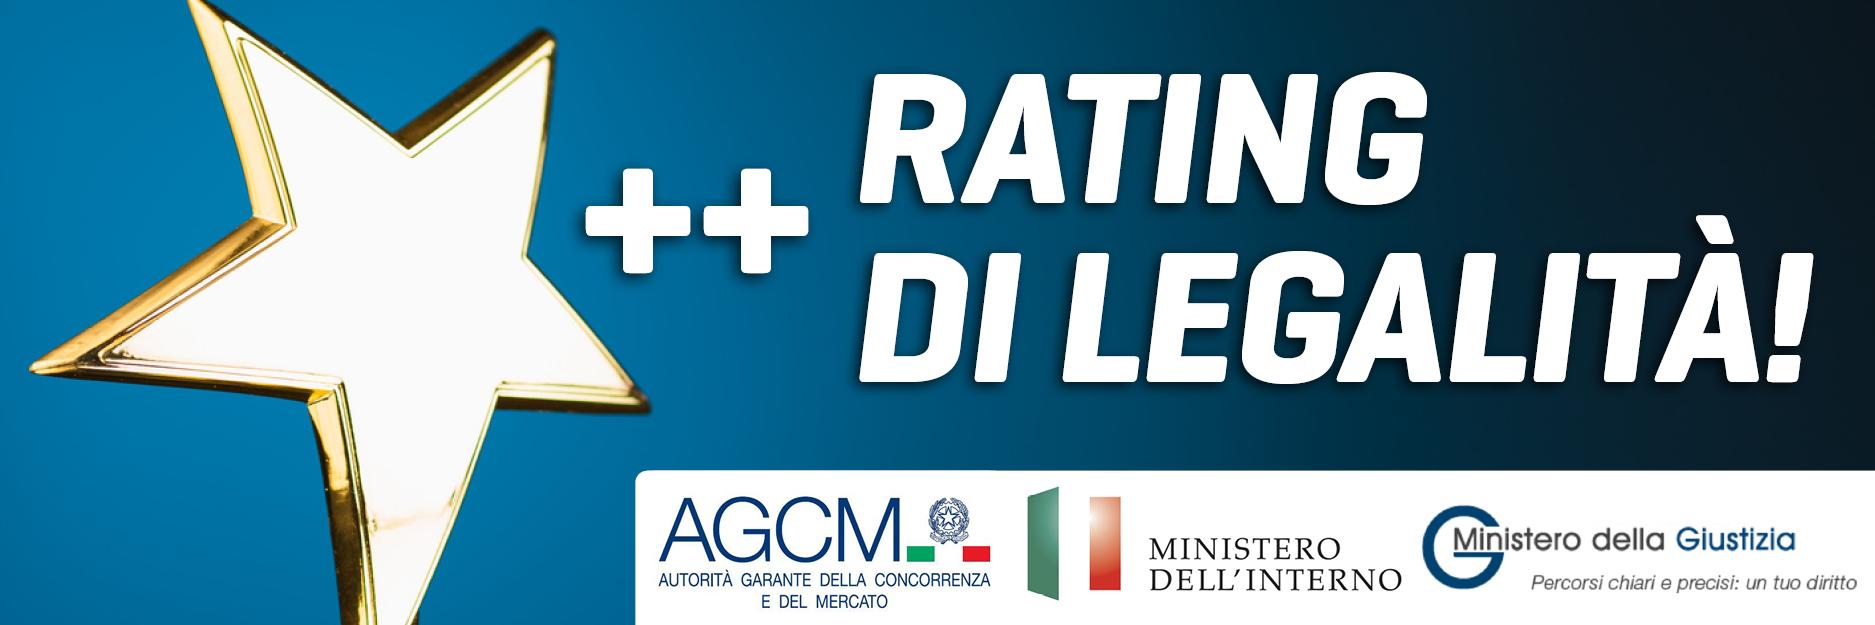 Trend Ottiene l\'attribuzione del Rating di Legalità con il punteggio di \